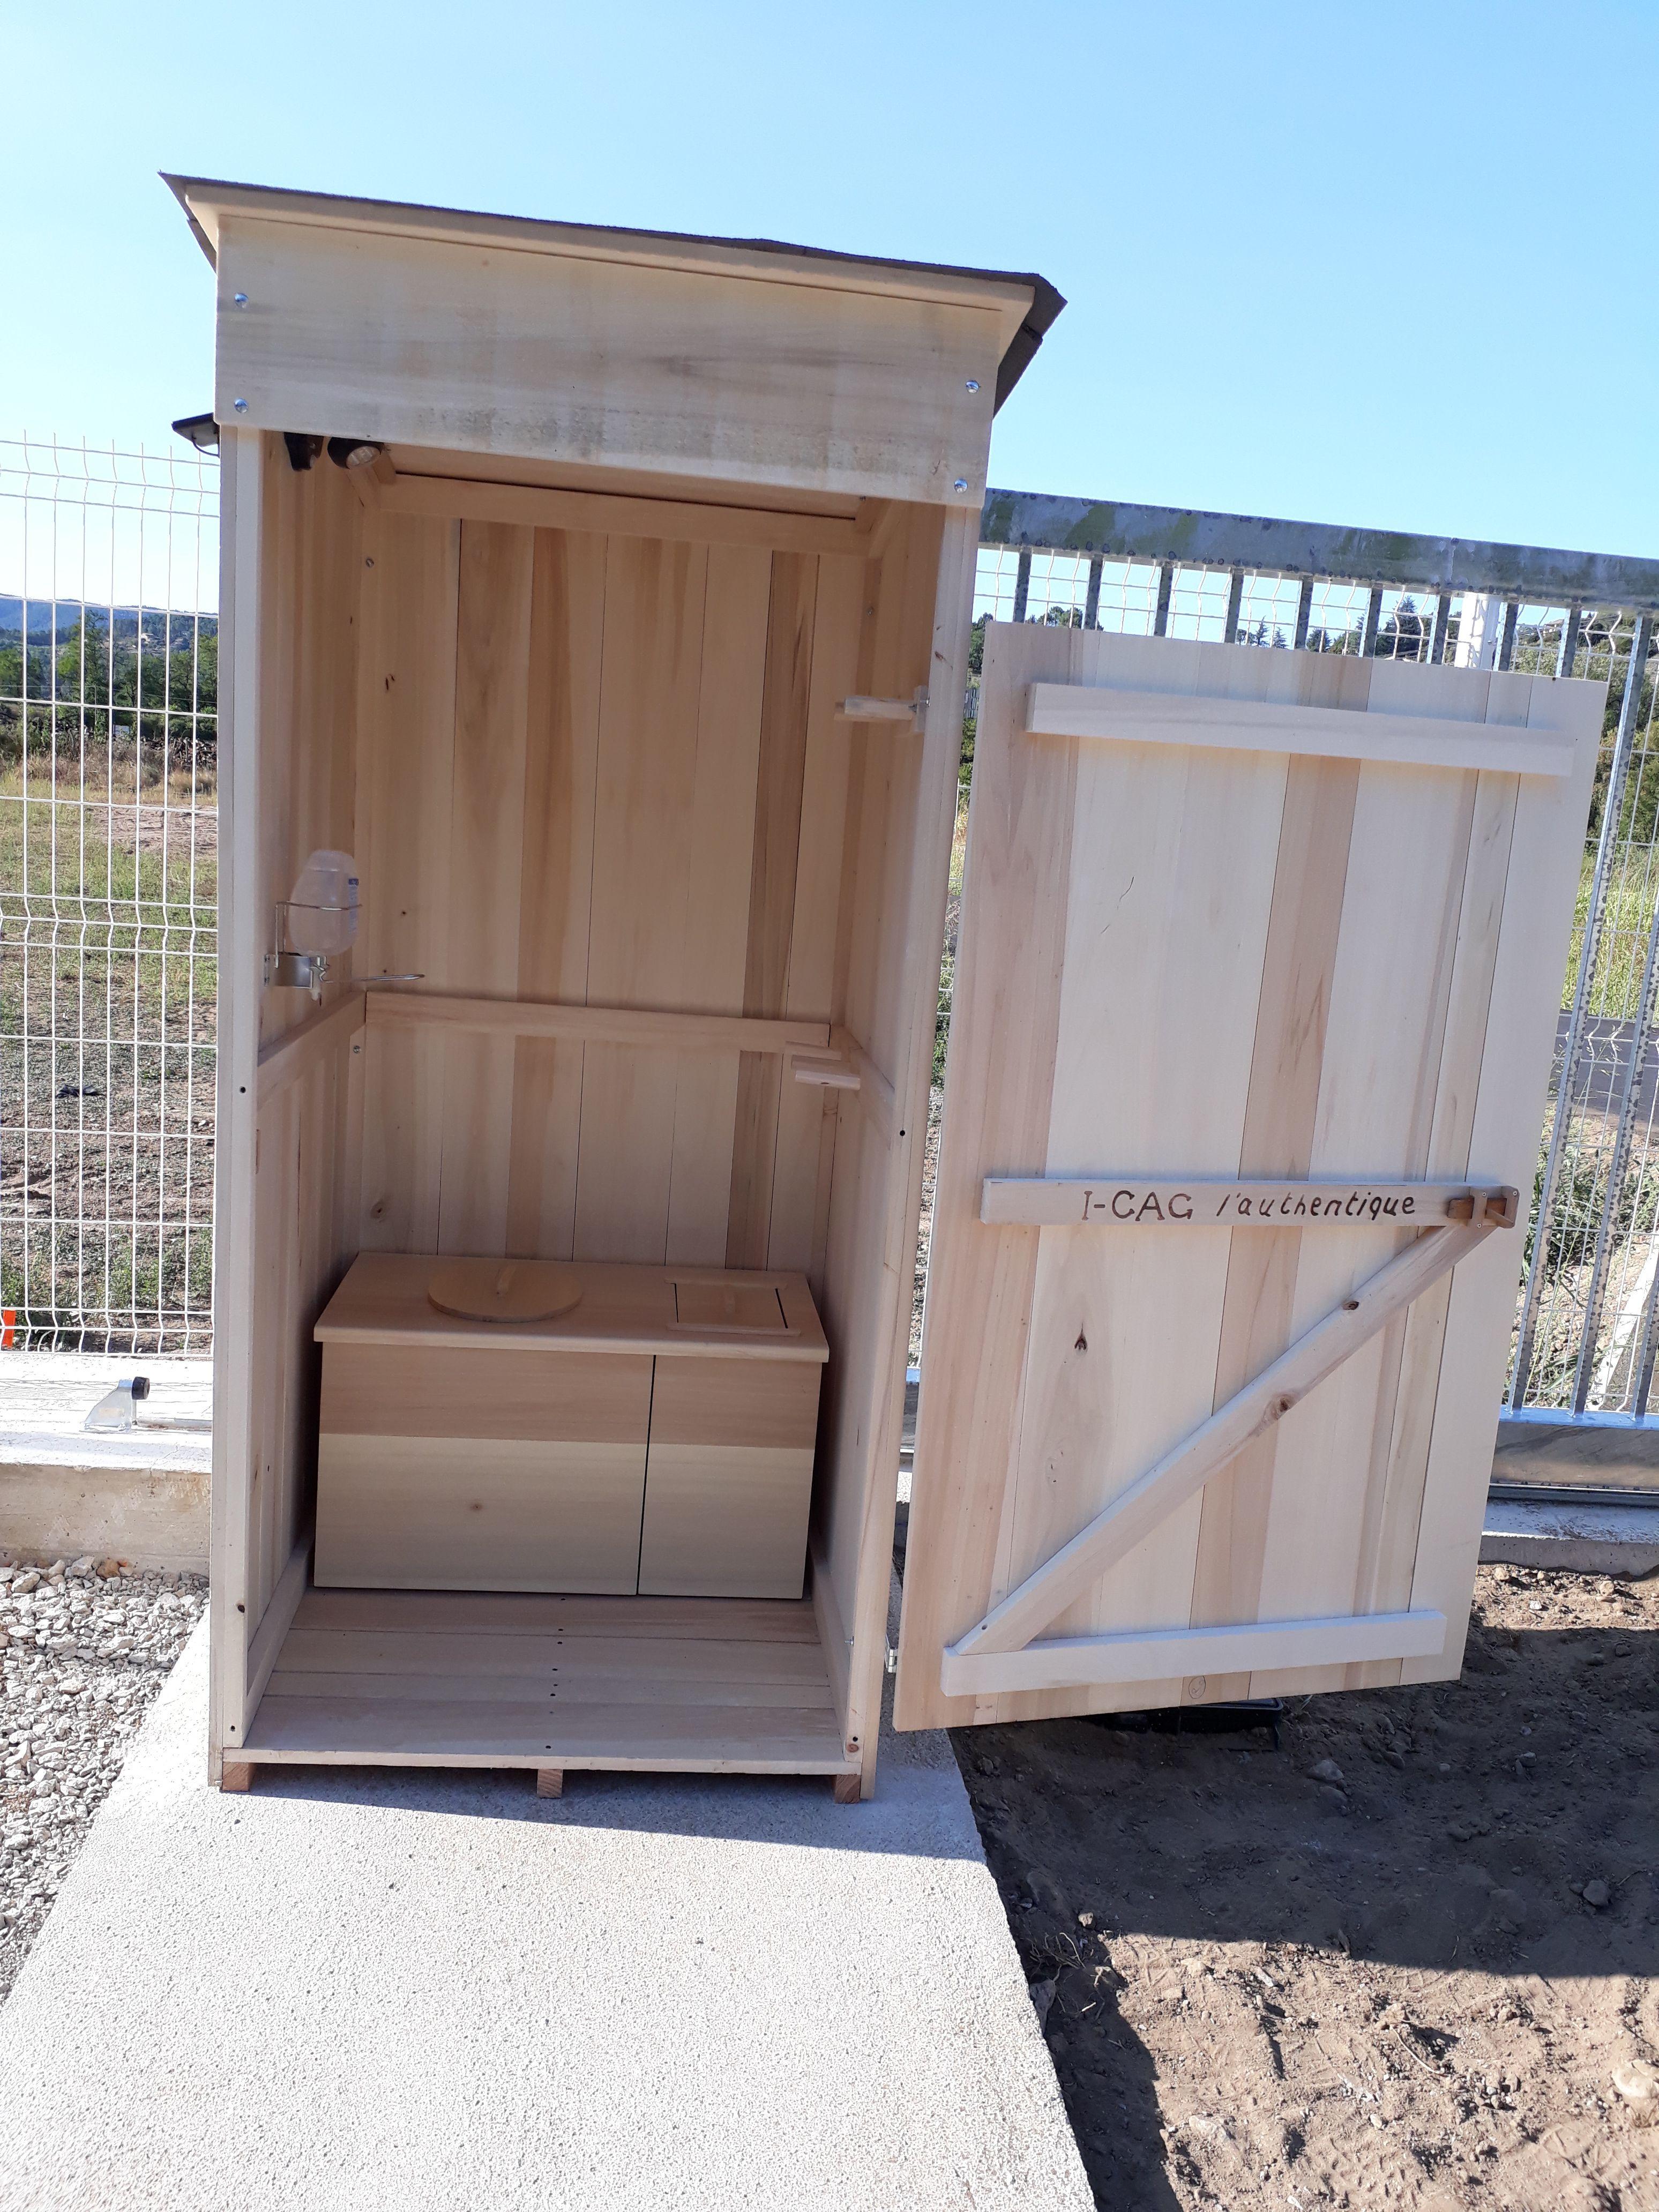 Toilette sèche exterieur sur chantier. En bois, sain ...